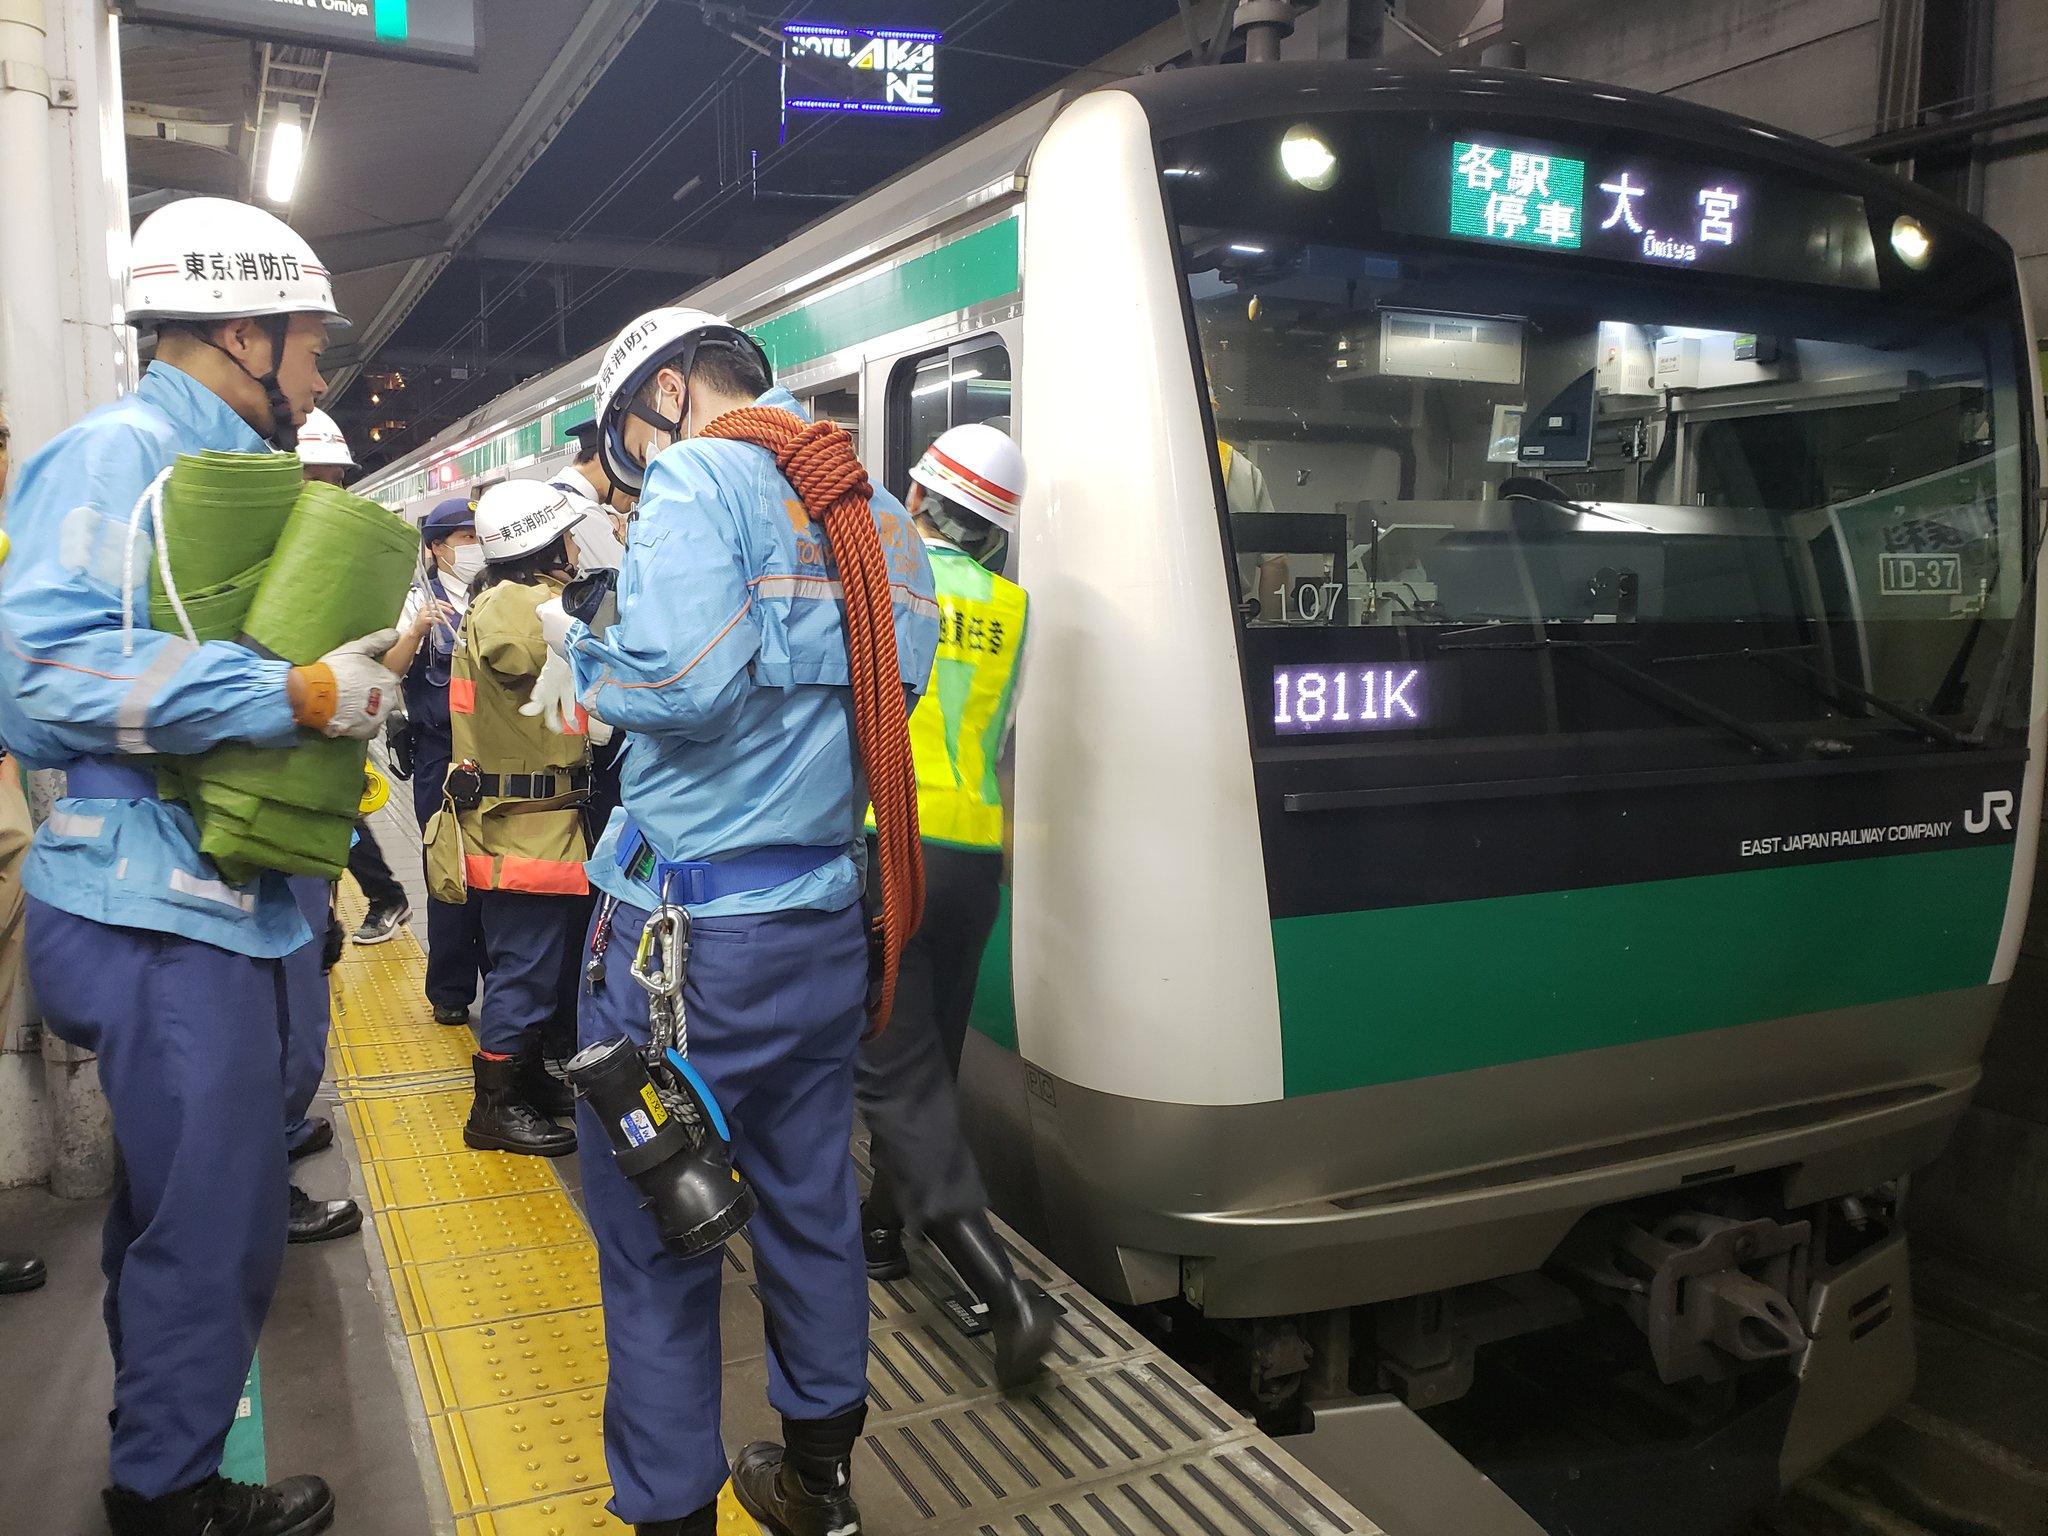 赤羽駅の人身事故で救急隊らが救護活動している現場の画像